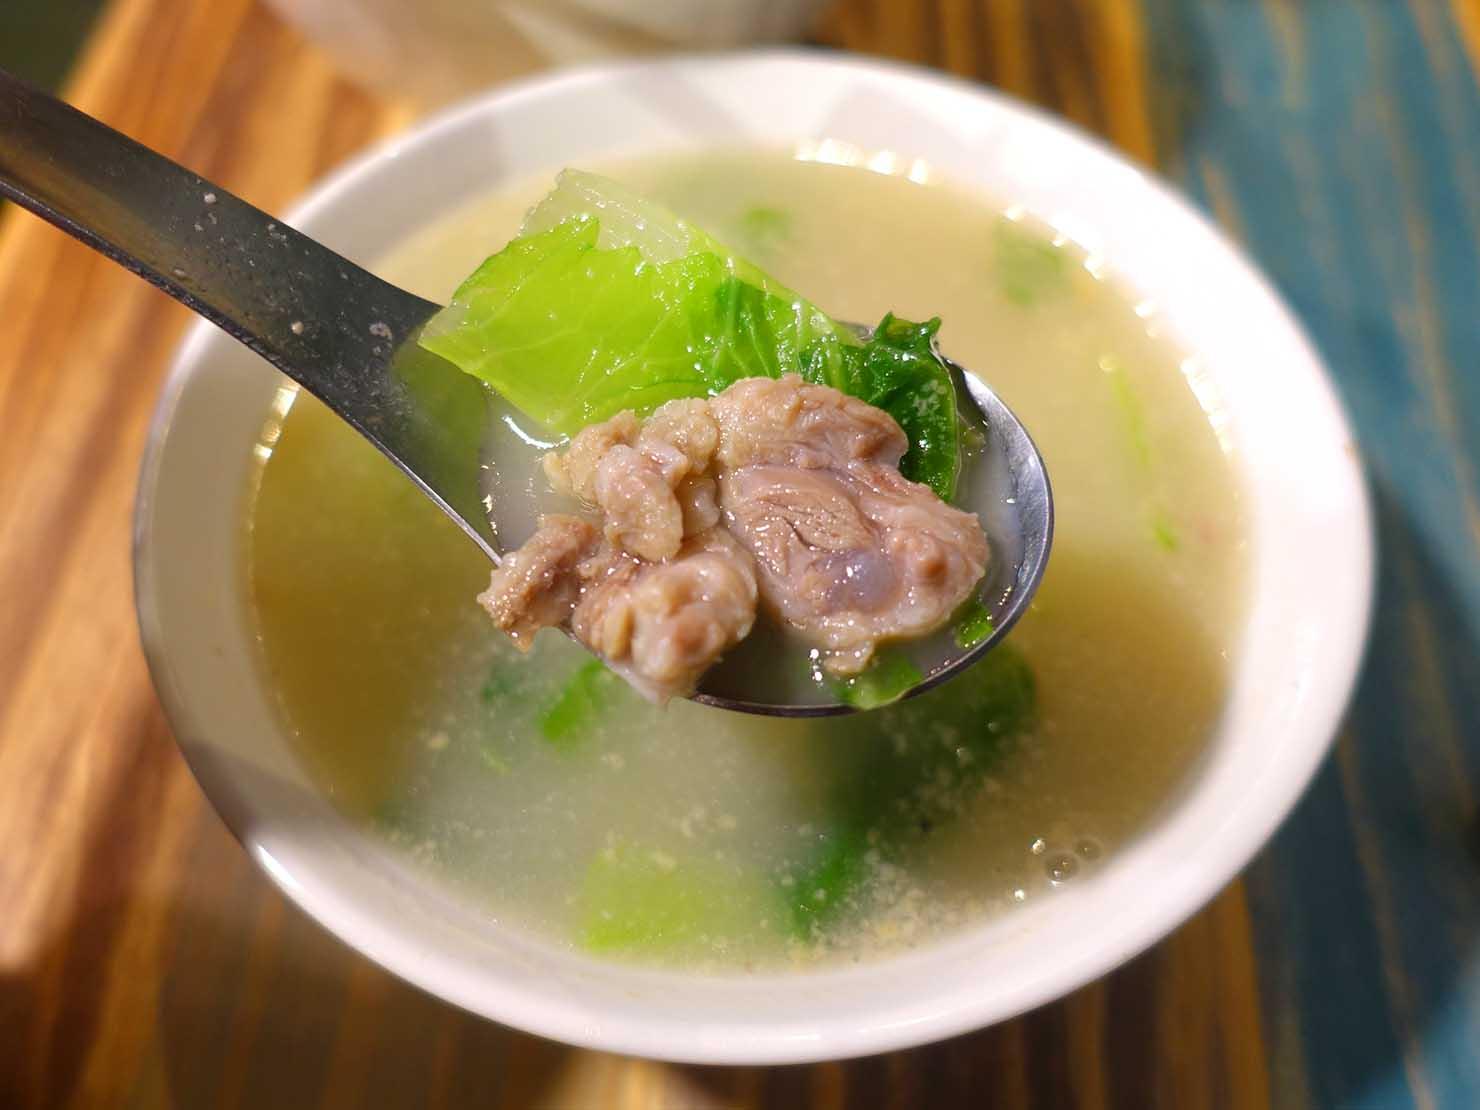 台北・國父紀念館のおすすめグルメ店「林家麻醬麵」の小鮮肉片湯